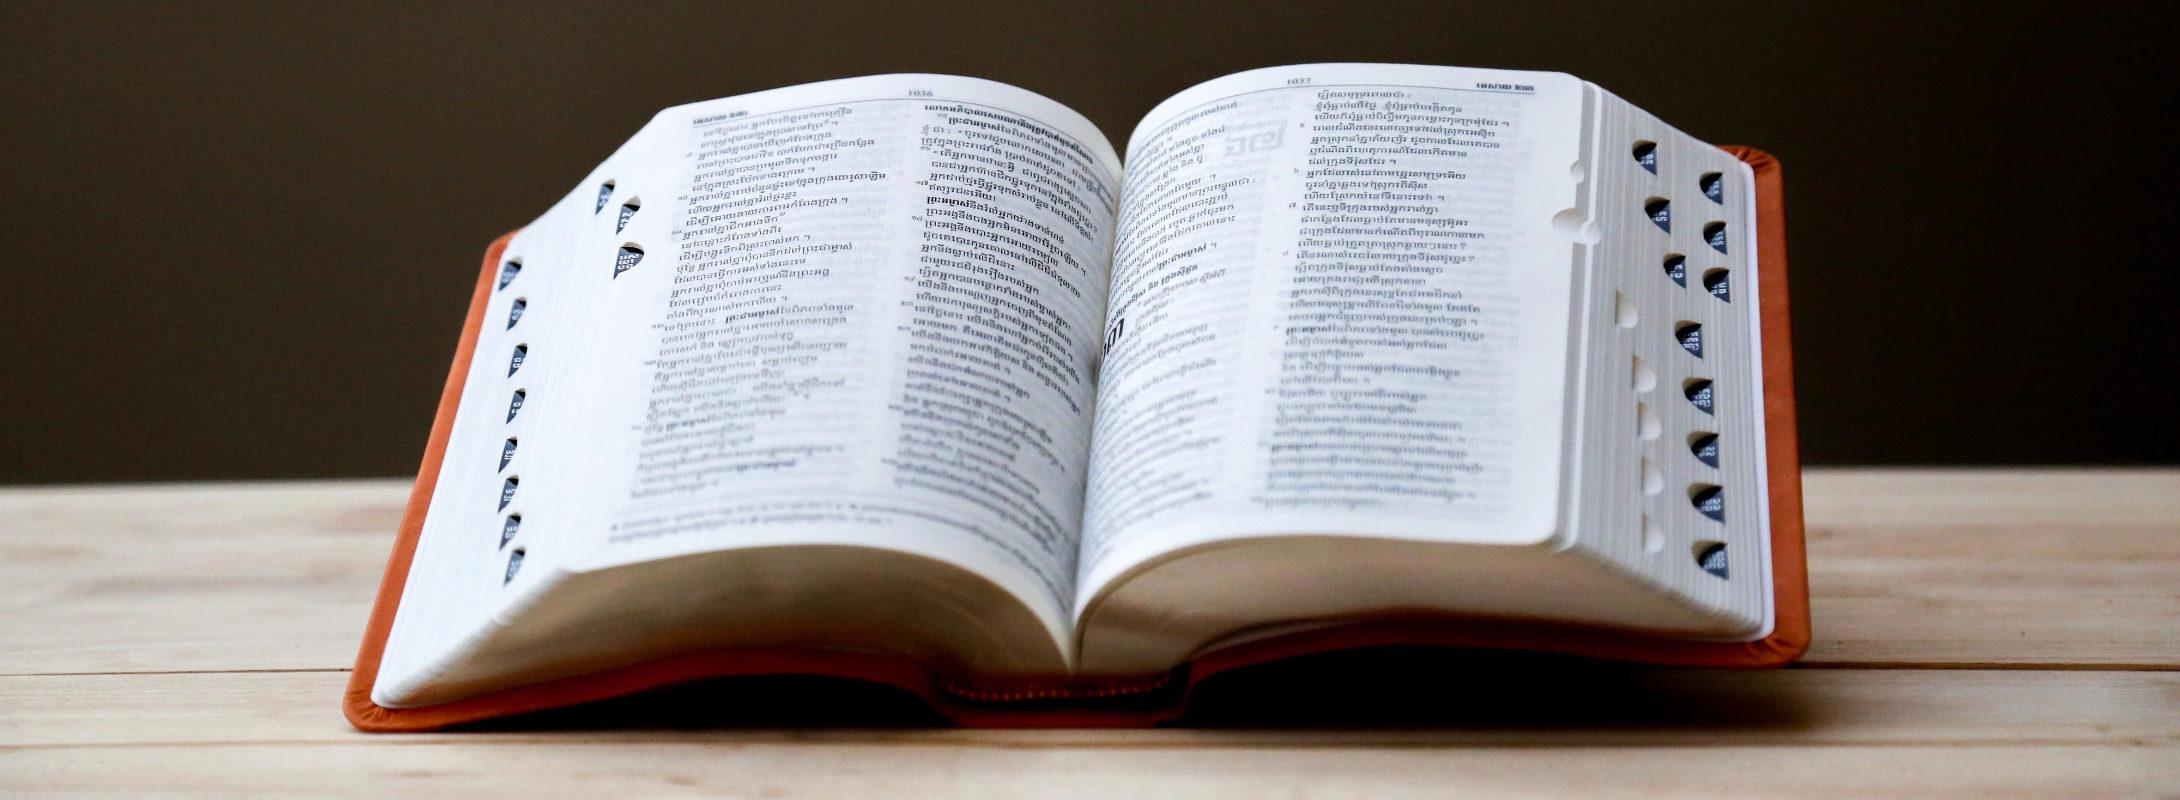 Sprachen, die sich für Juristen lohnen